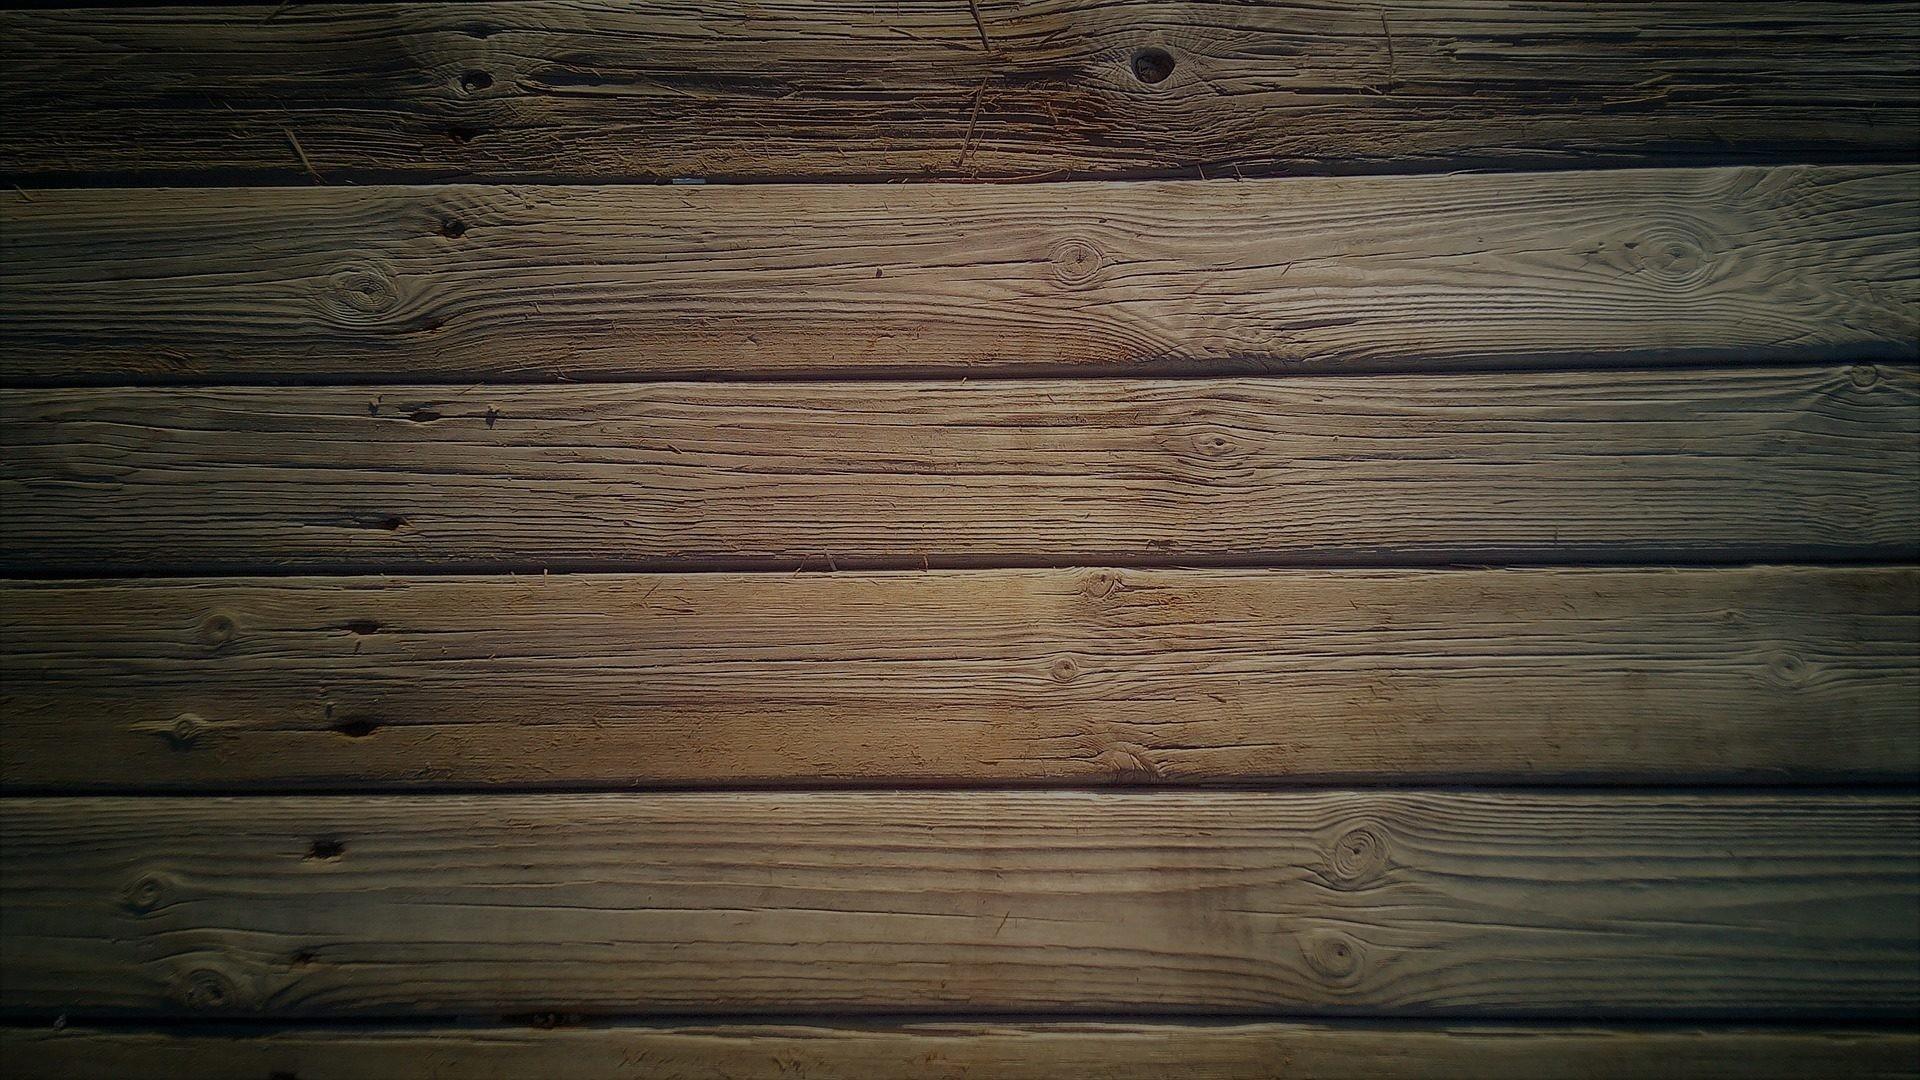 Sfondi legno 65 immagini for Sfondo legno hd